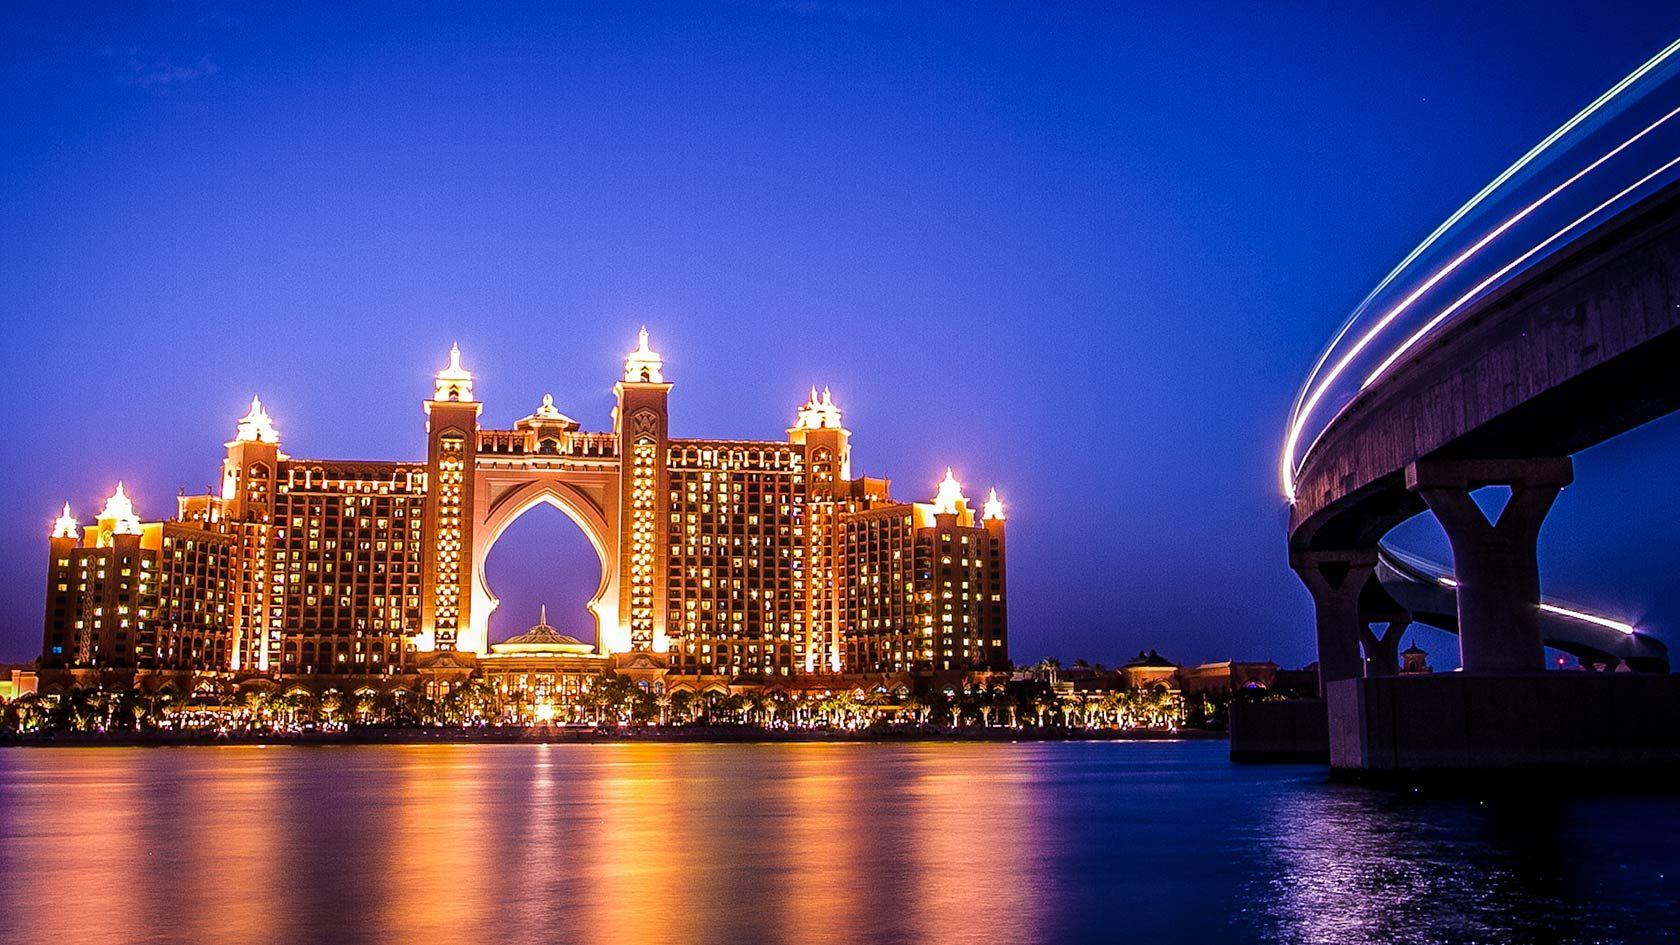 تور دبی – هتل ۵ ستاره ( ویژه نوروز ۱۳۹۸ با پرواز مستقیم ایران ایر )  از اصفهان